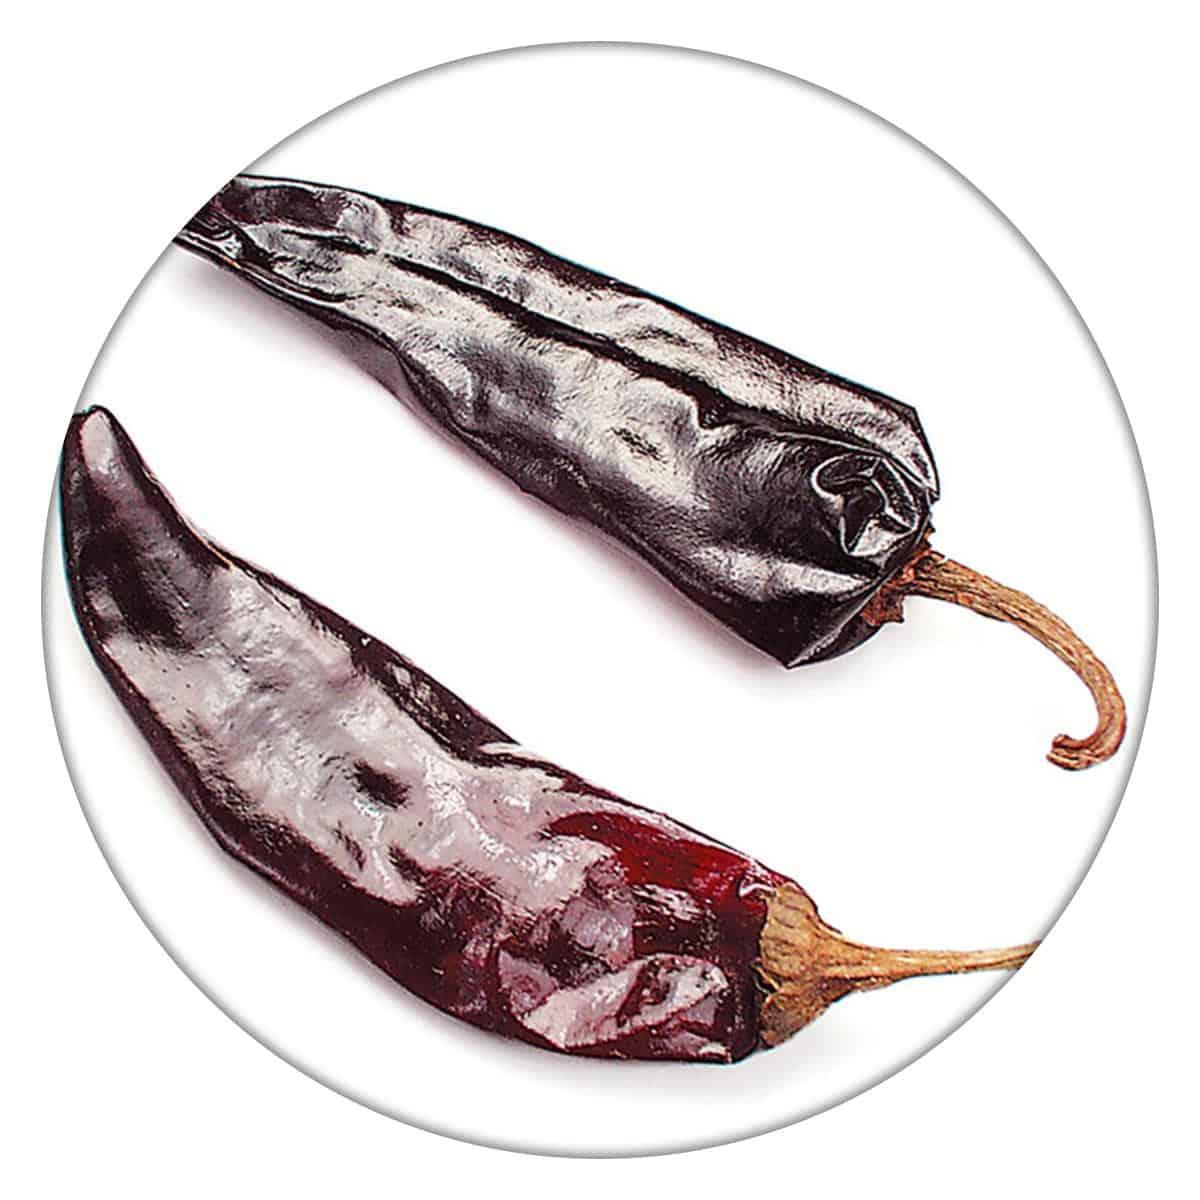 Buy IAG Foods Guajillo Chiles (Chilli) - 450 gm